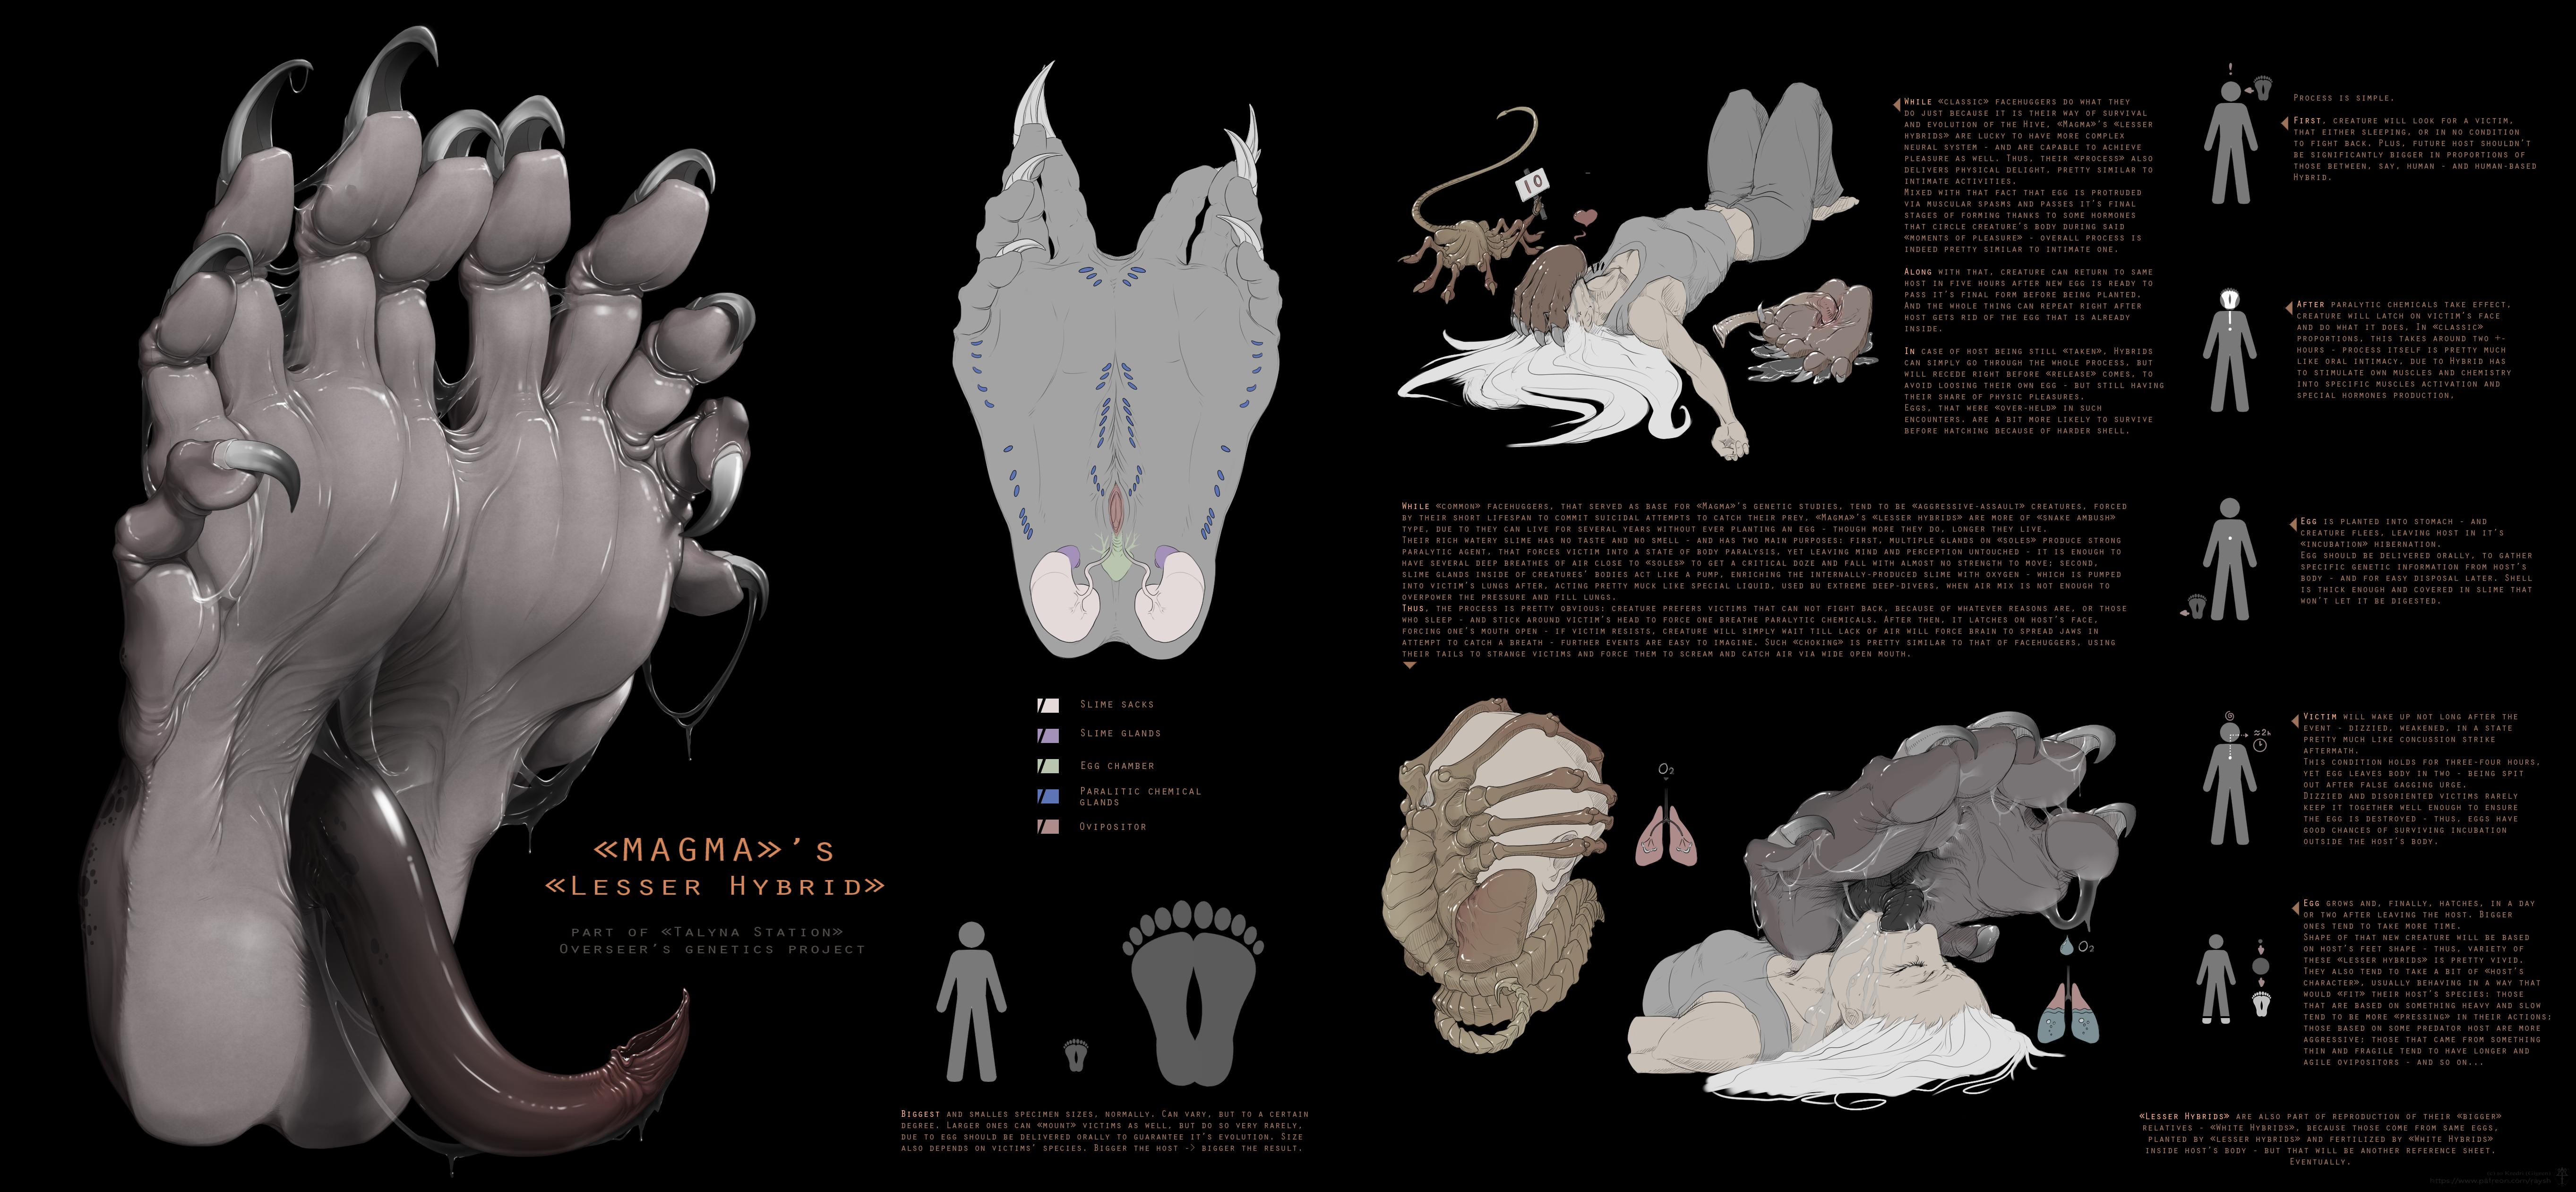 Magma lesser hybrid by Kredri on DeviantArt